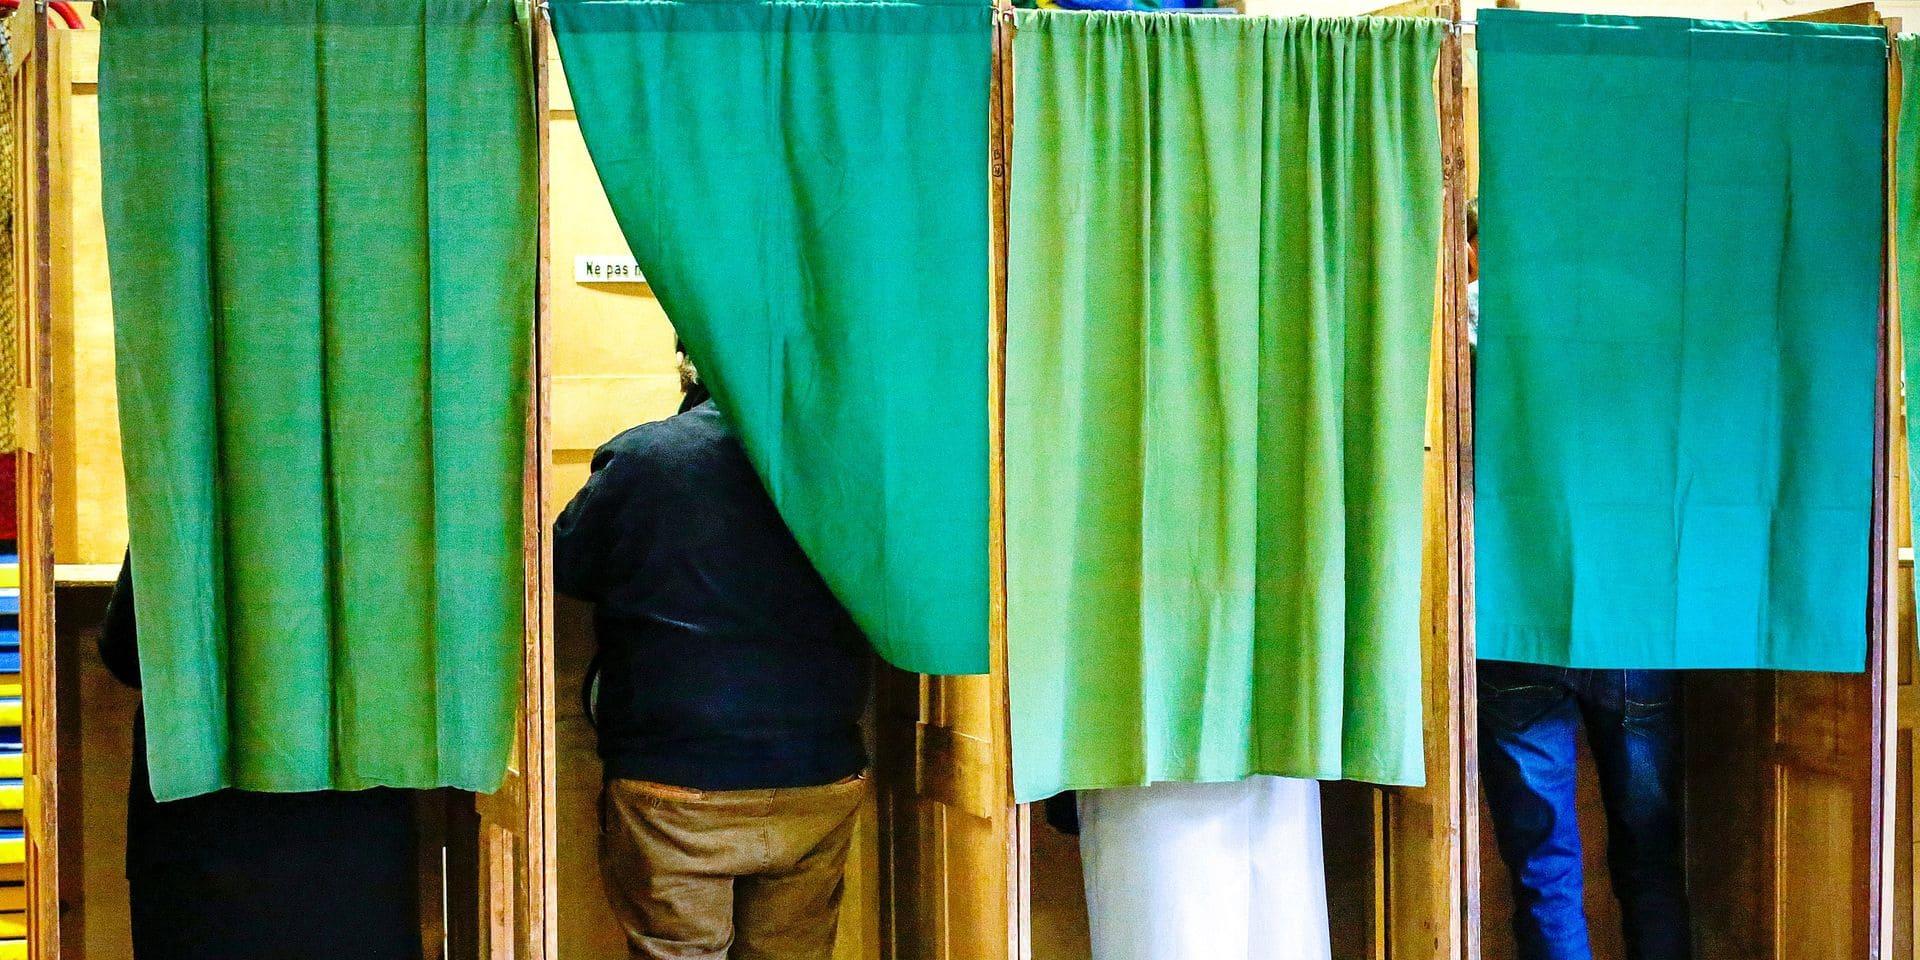 Marche-En-Famenne Local Elections Vote, Marche-En-Famenne, Belgium